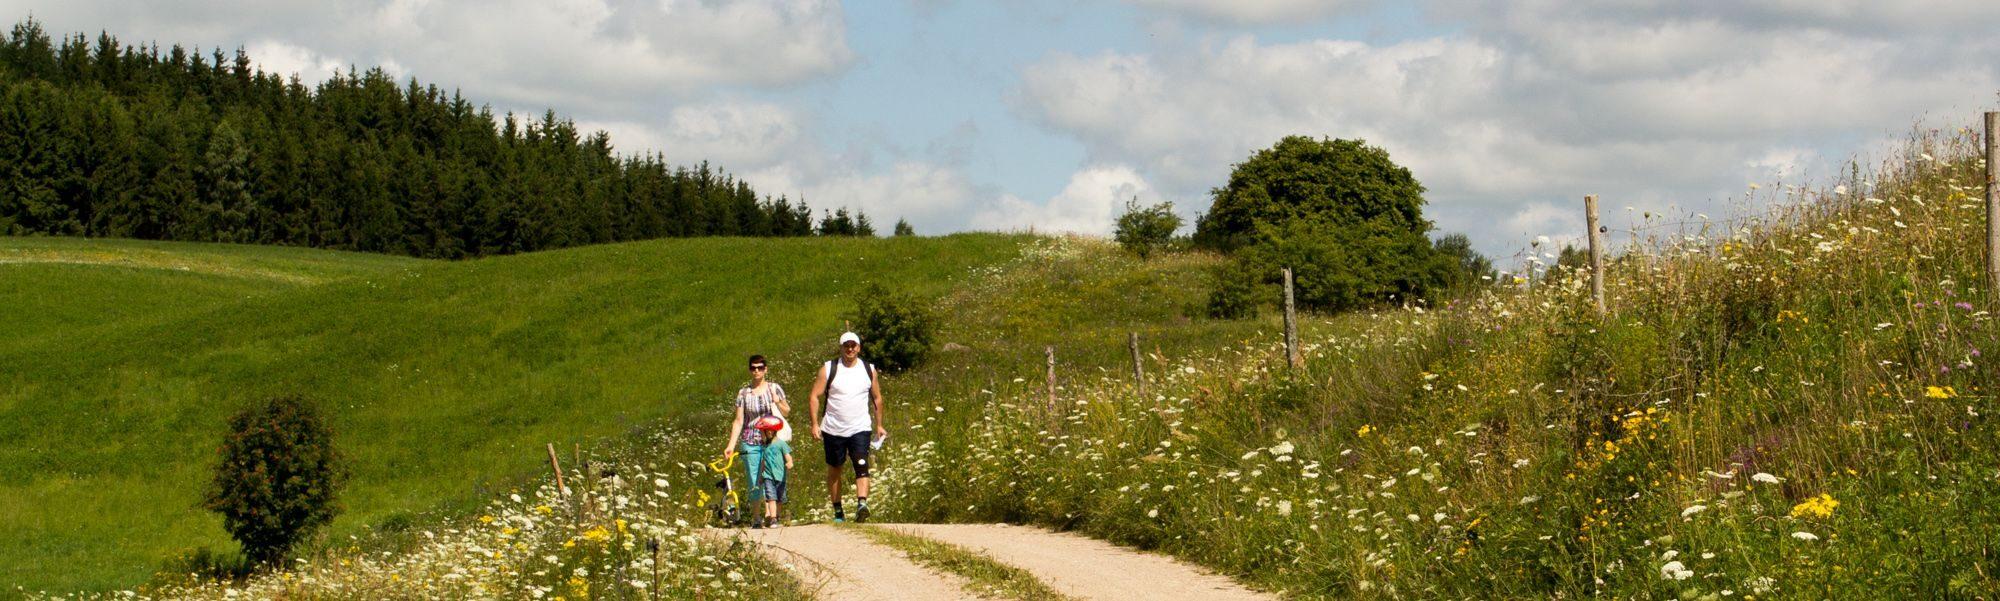 Wieś Szurpiły - rodzinne wędrówki w SPK